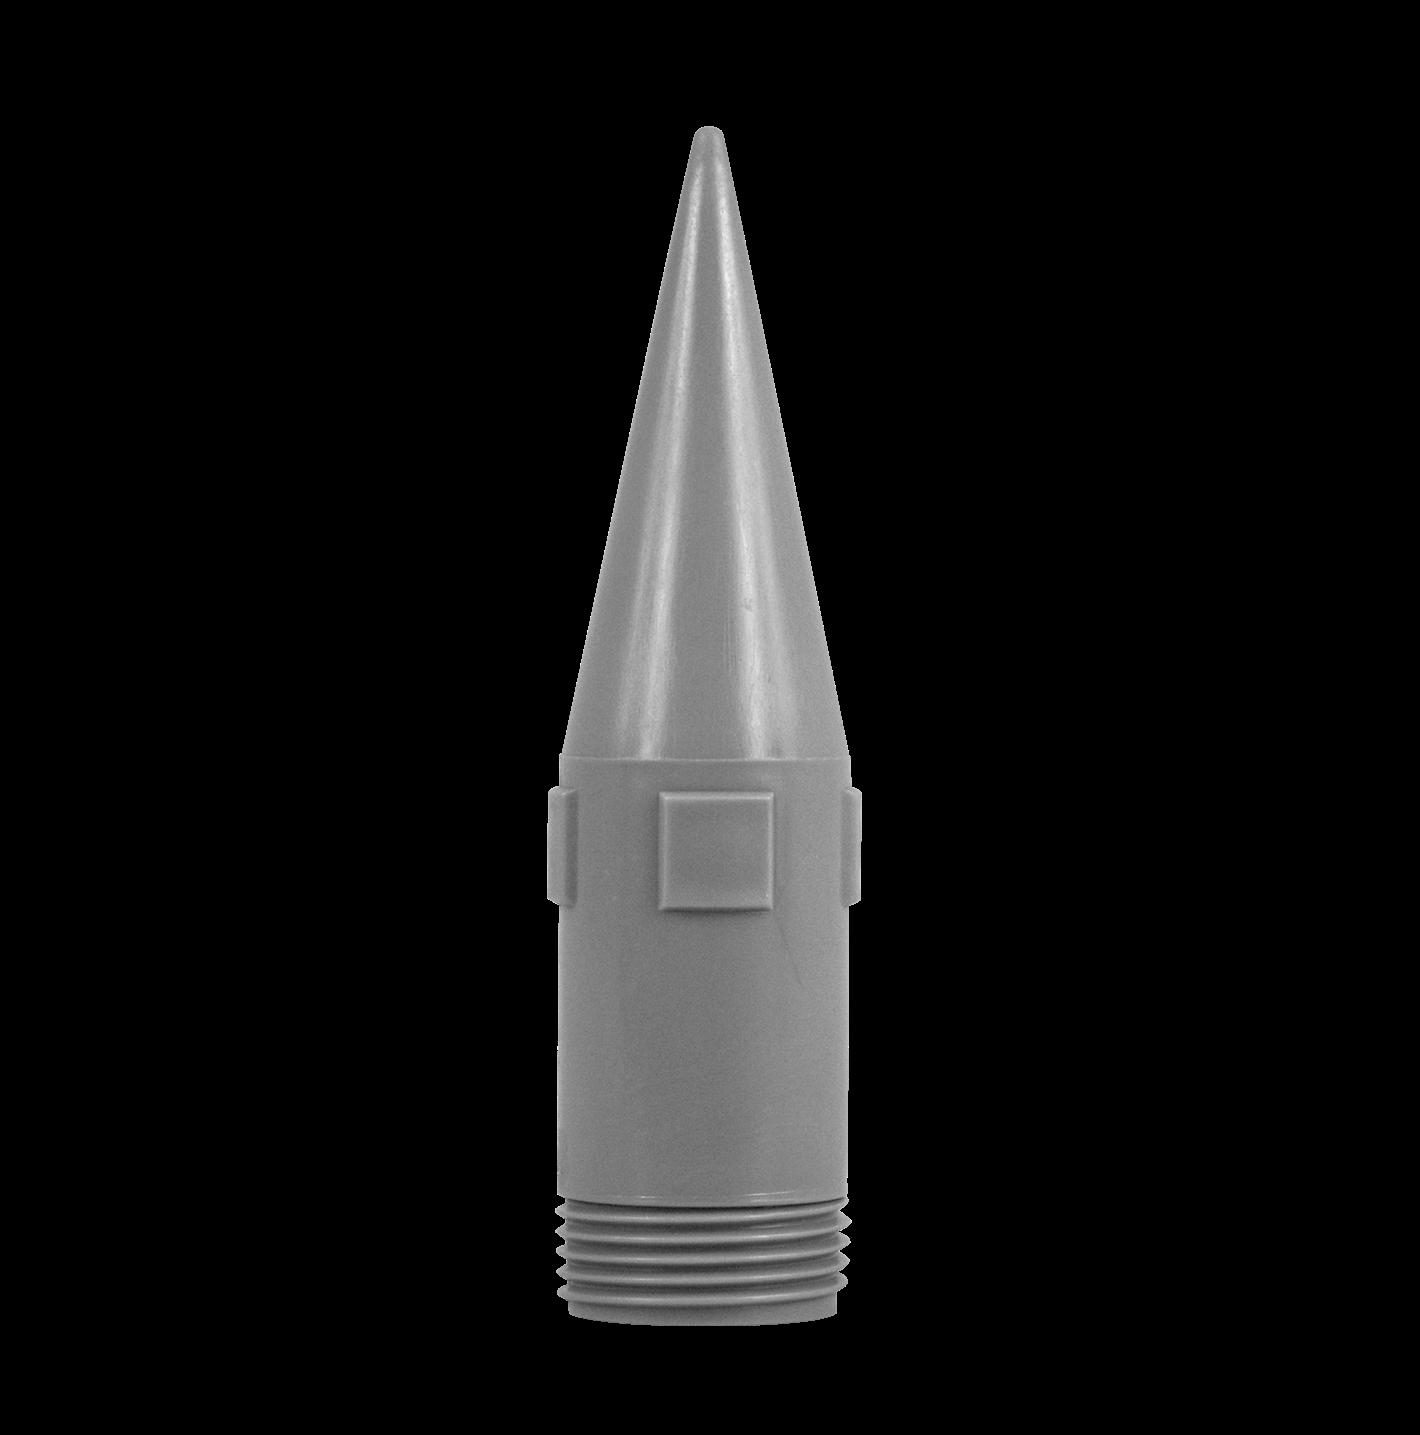 Ottoseal Spuitmond MK5 Grijs voor COX pistolen